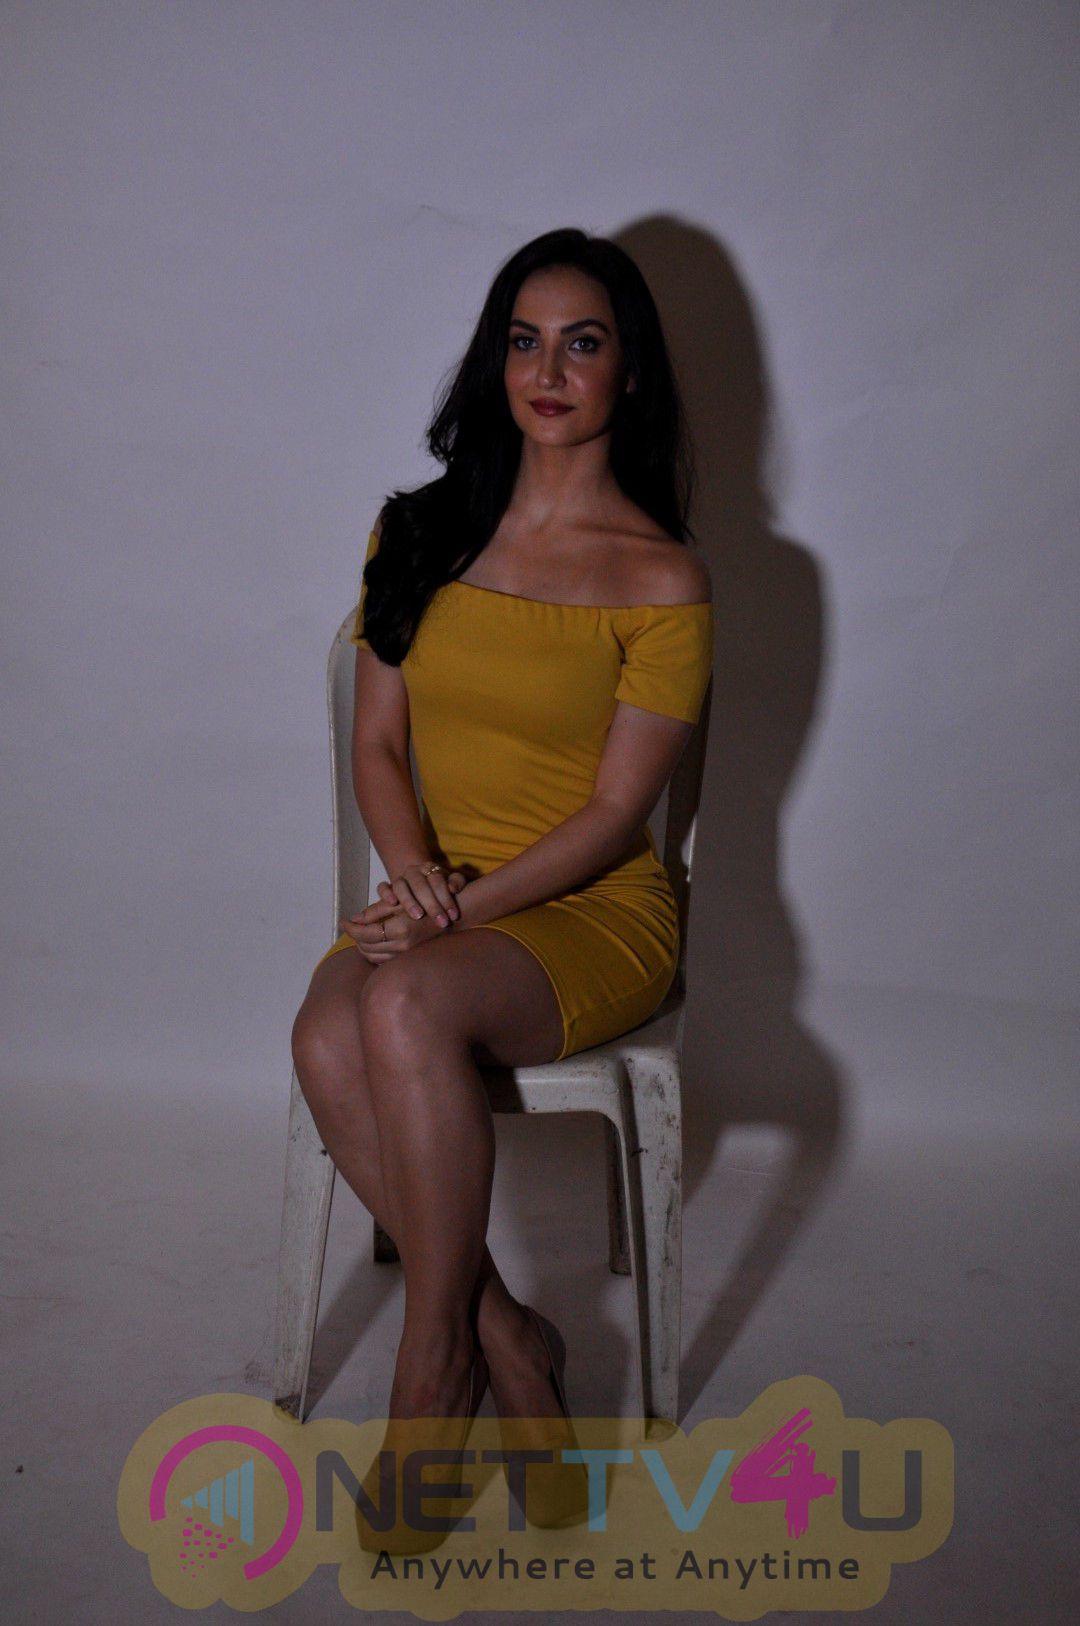 Photoshoot Of Elli Avram By Ace Photographer Faizi Ali Glamorous Photos Hindi Gallery